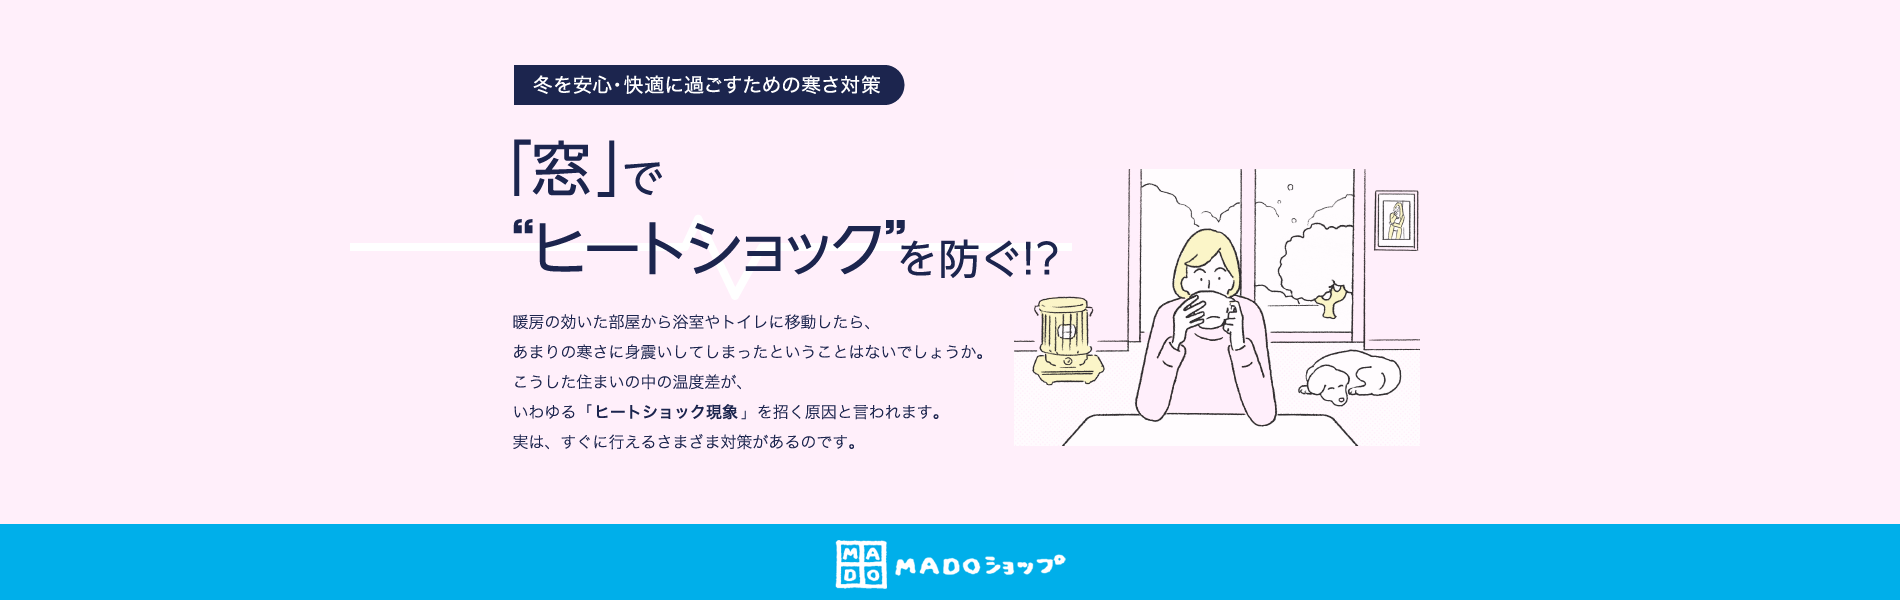 https://hi-alumi.co.jp/?p=882